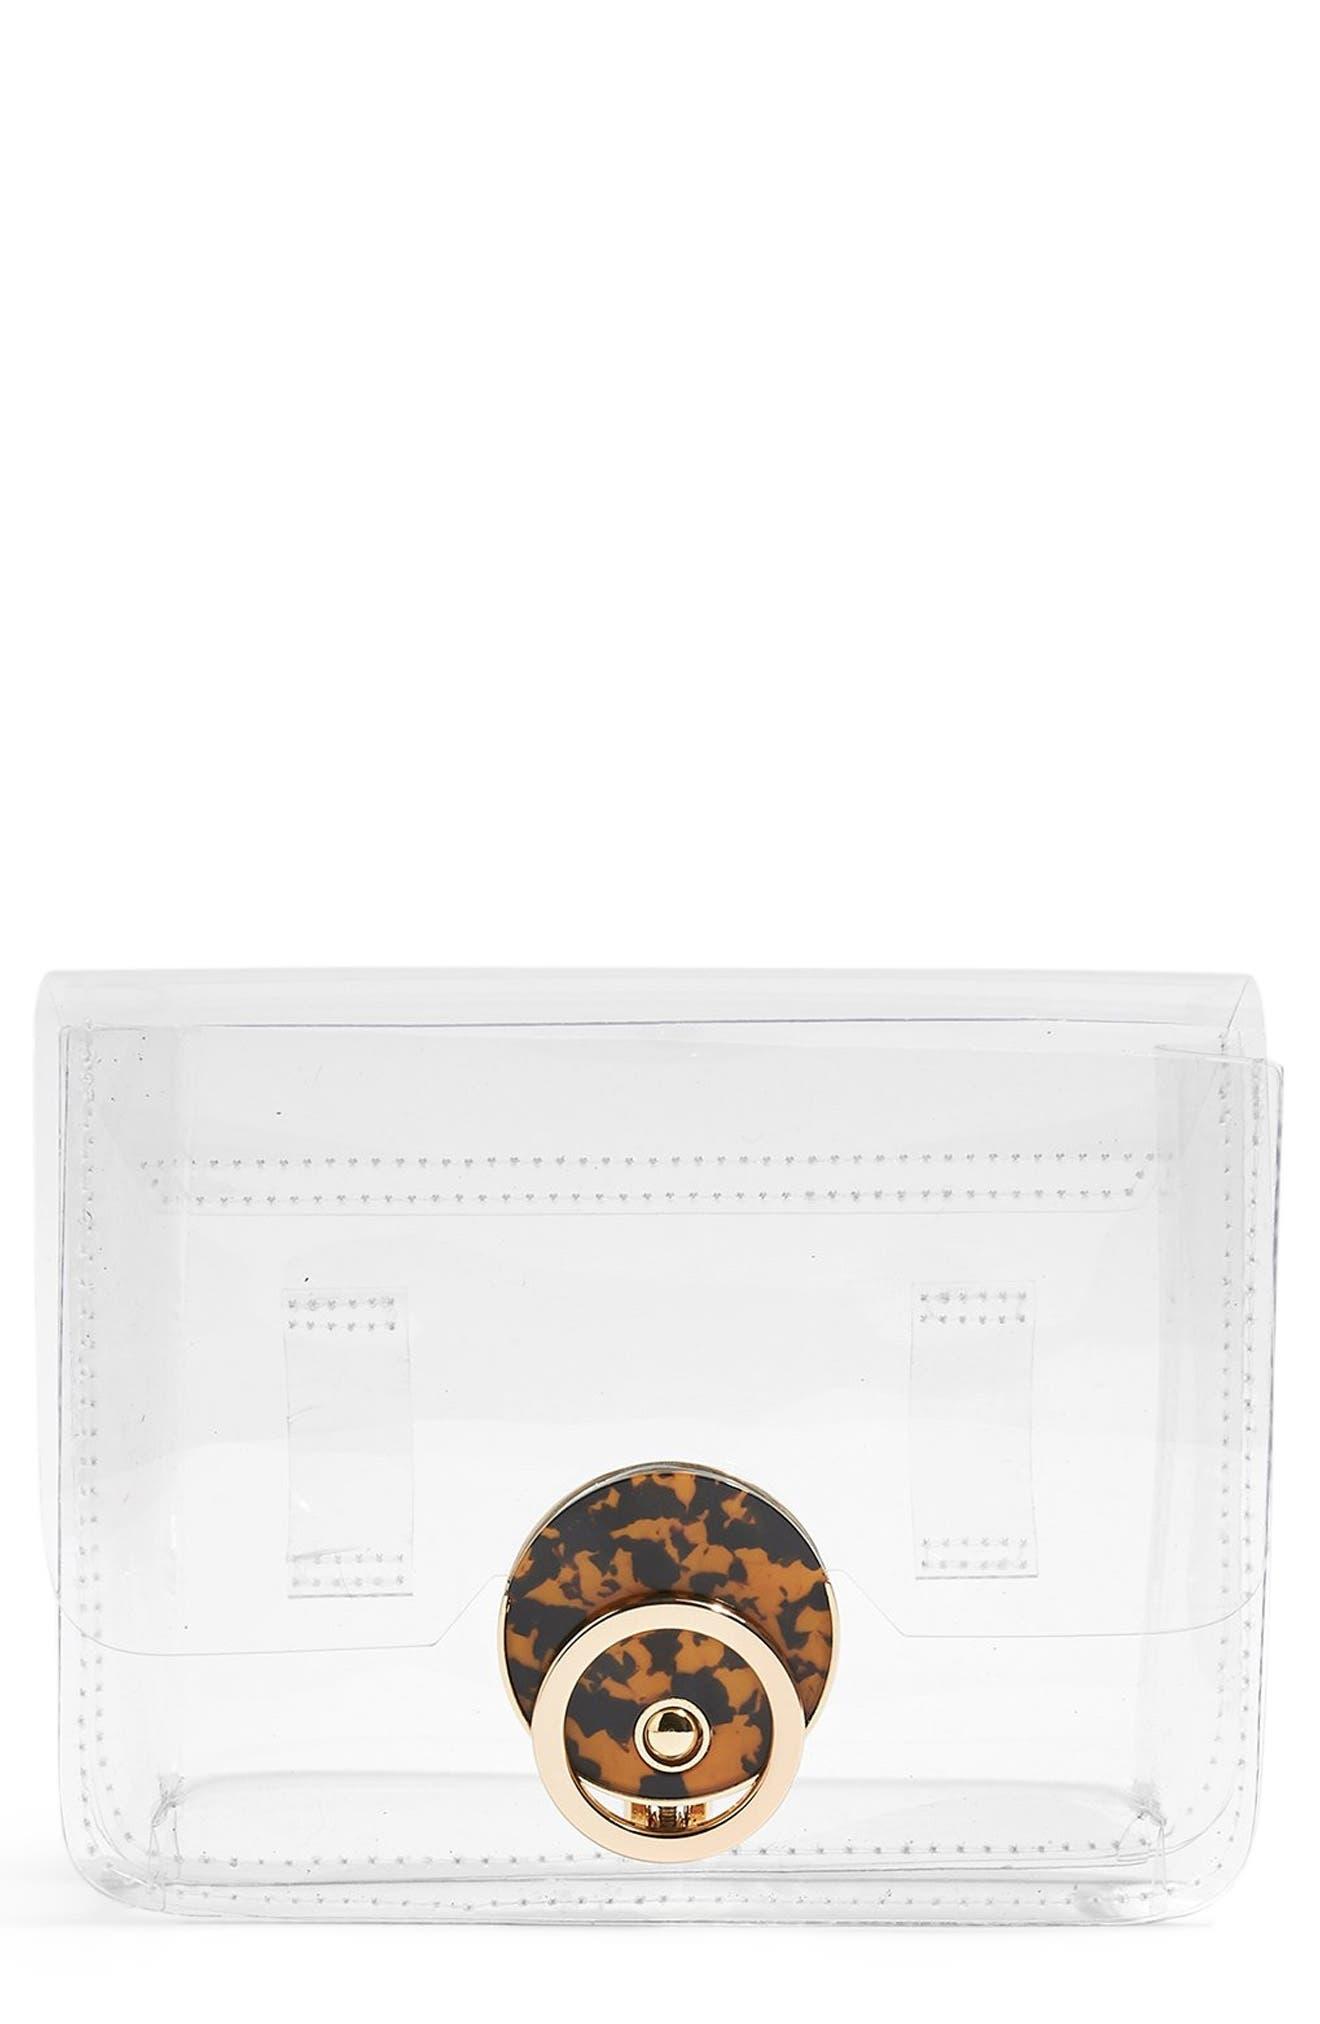 TOPSHOP, Dazzler Belt Bag, Main thumbnail 1, color, NO COLOR